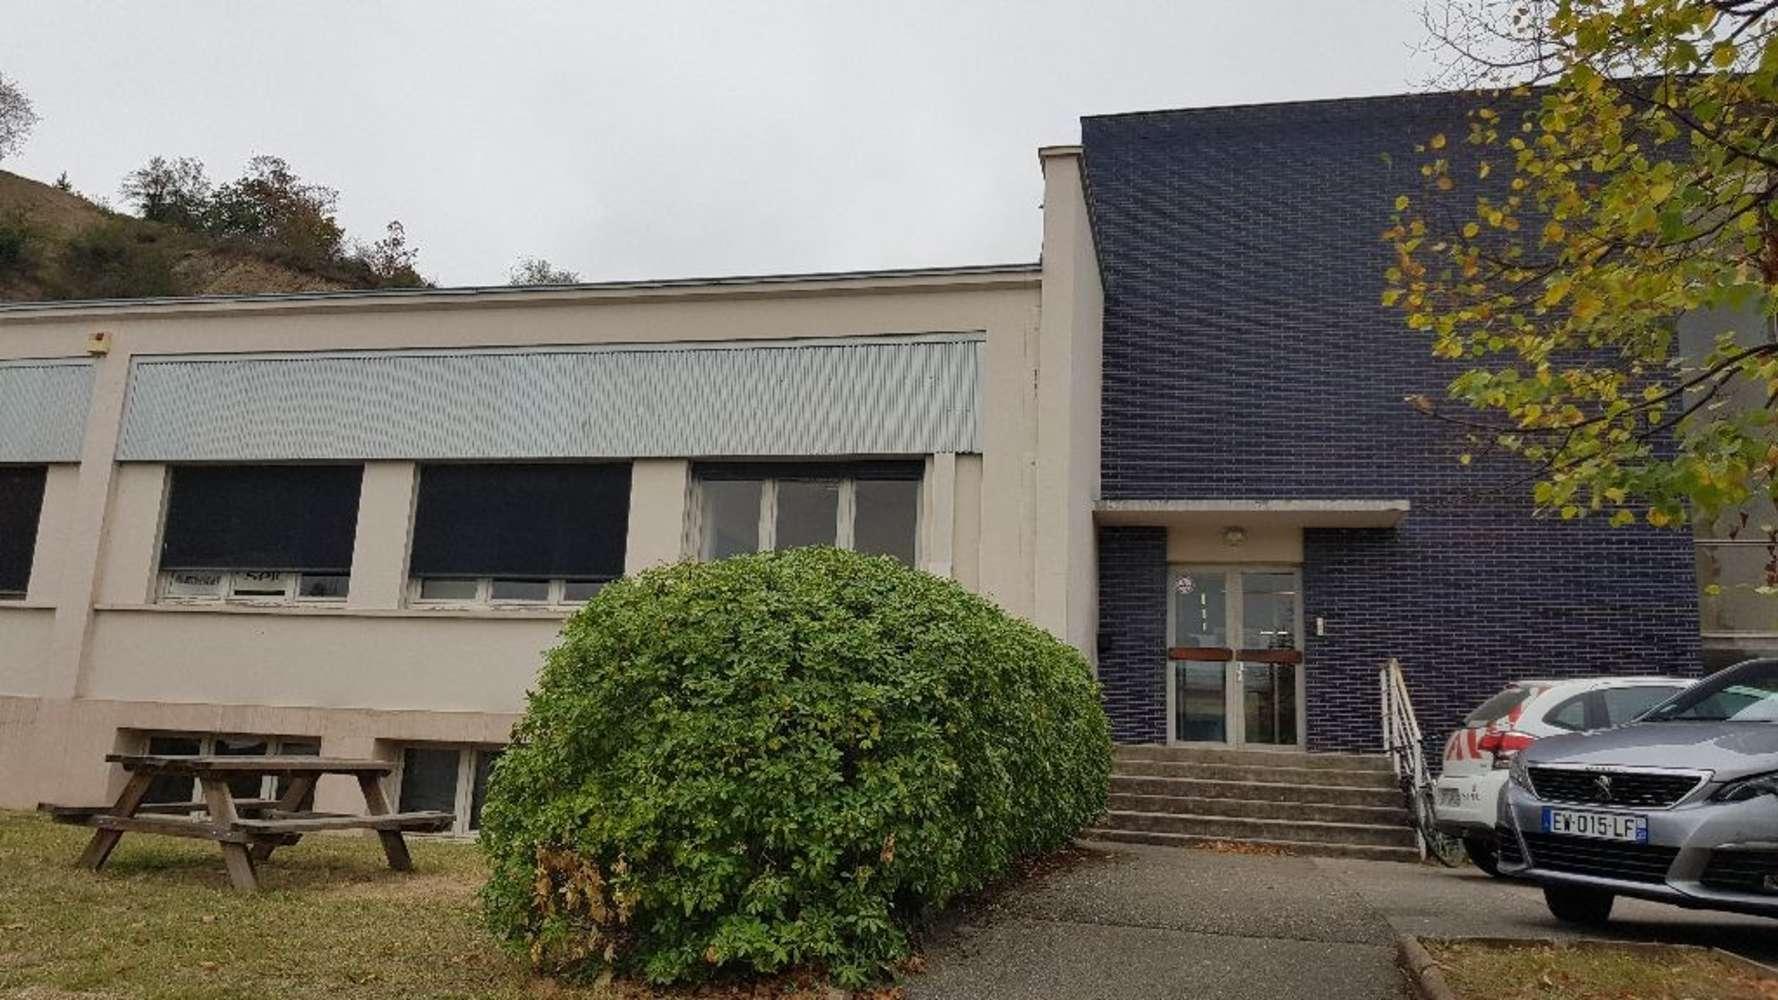 Activités/entrepôt Rillieux la pape, 69140 - Location / Achat bâtiment mixte - Lyon - 10319655